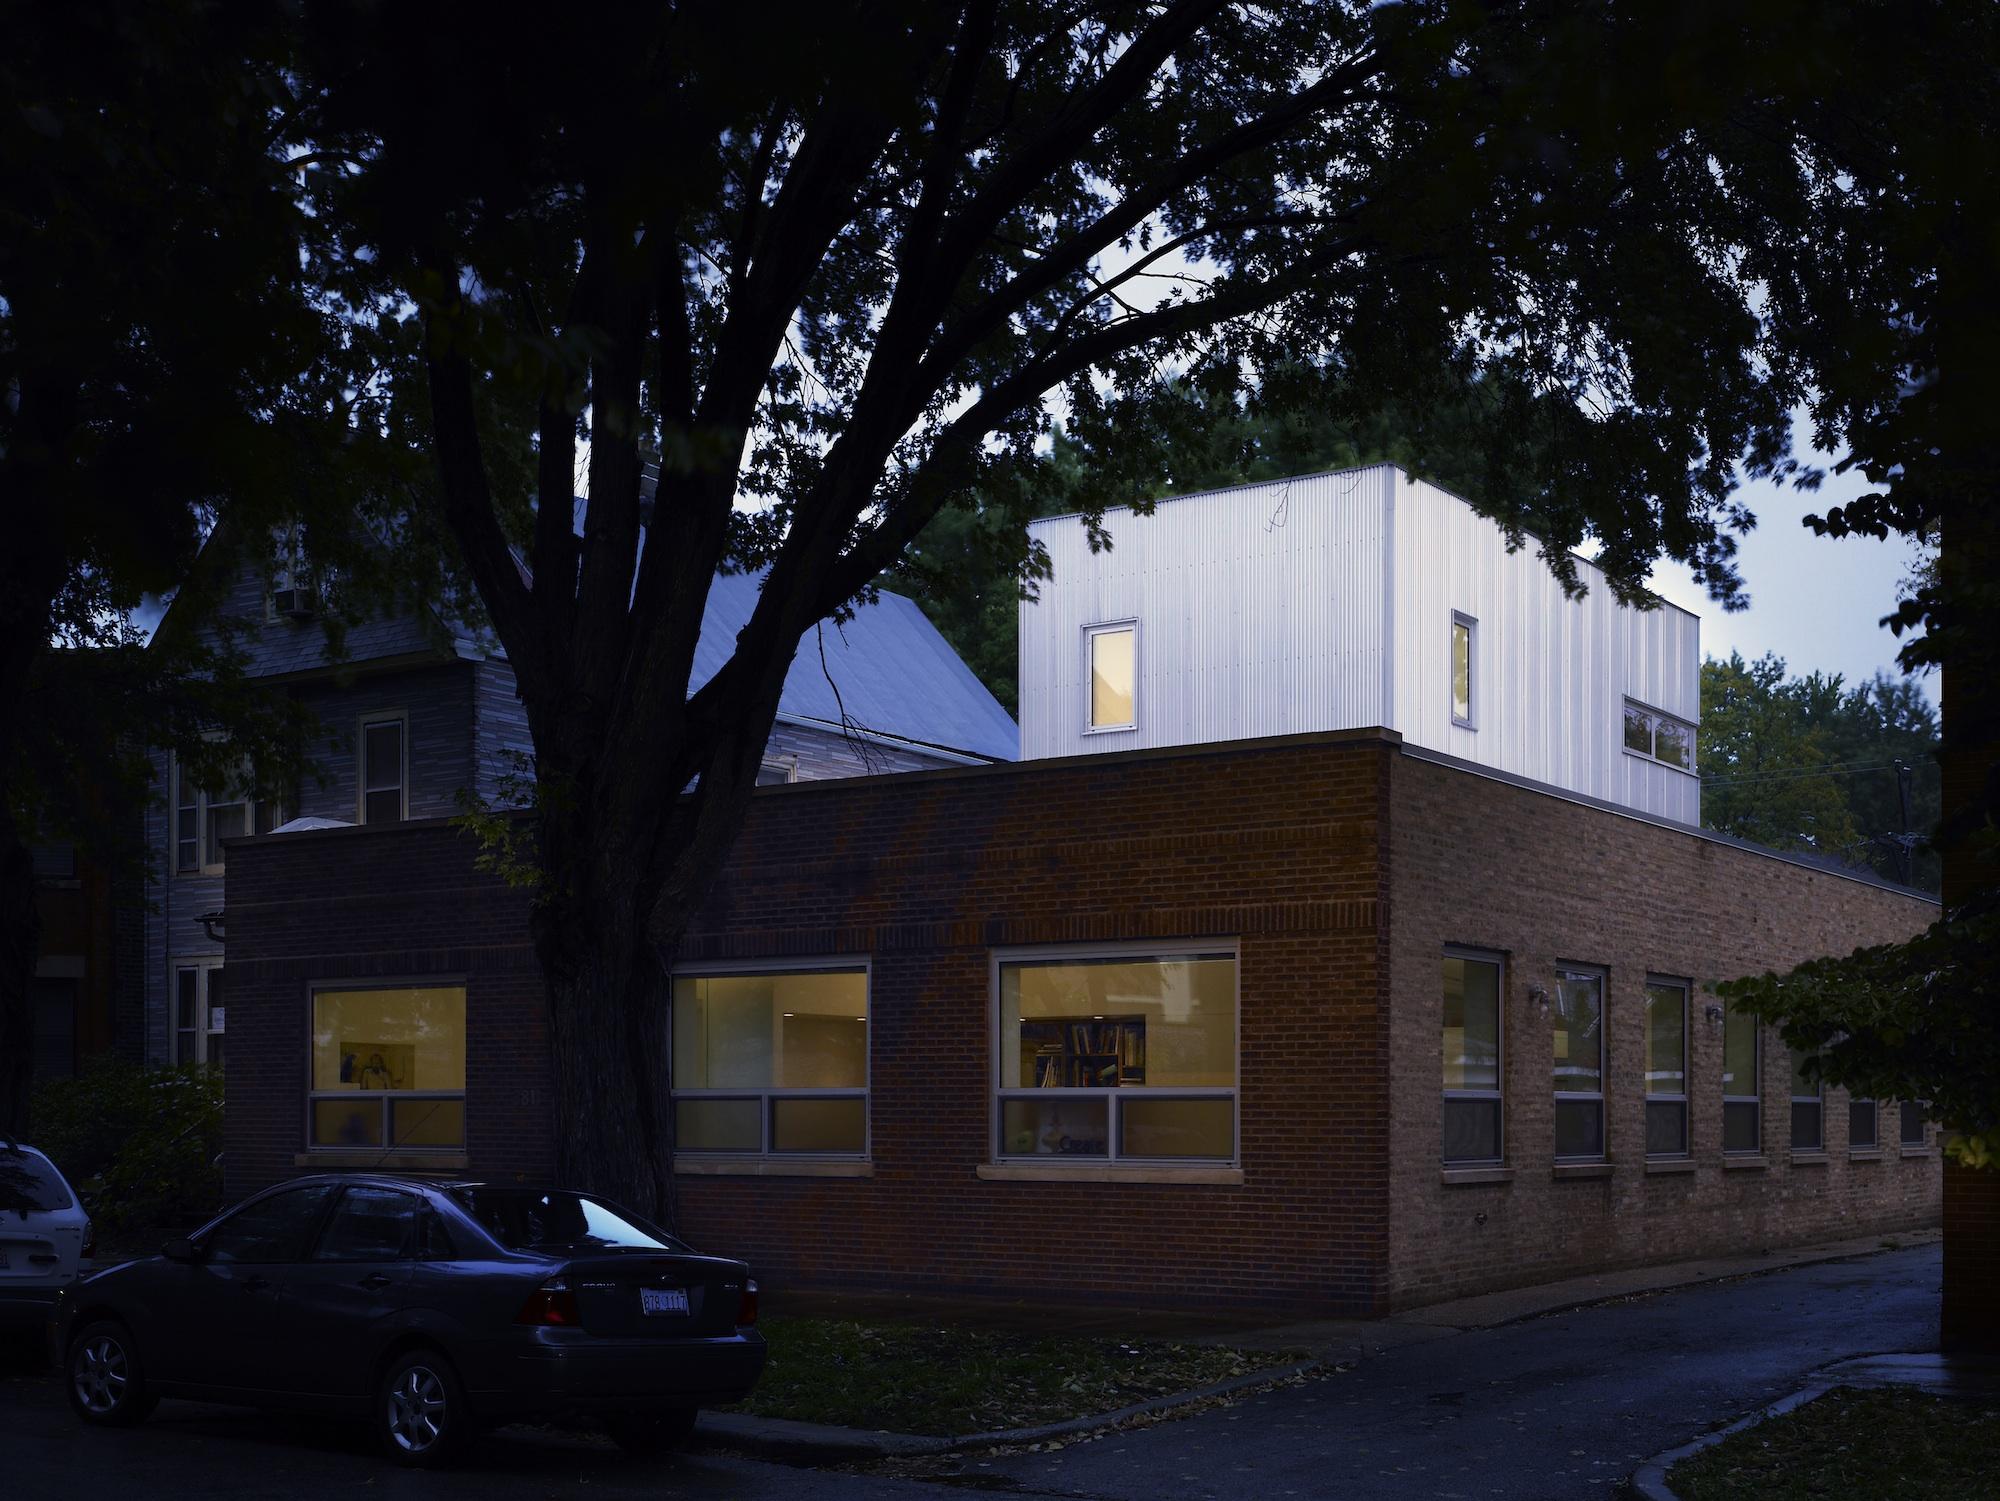 Loft House original building exterior